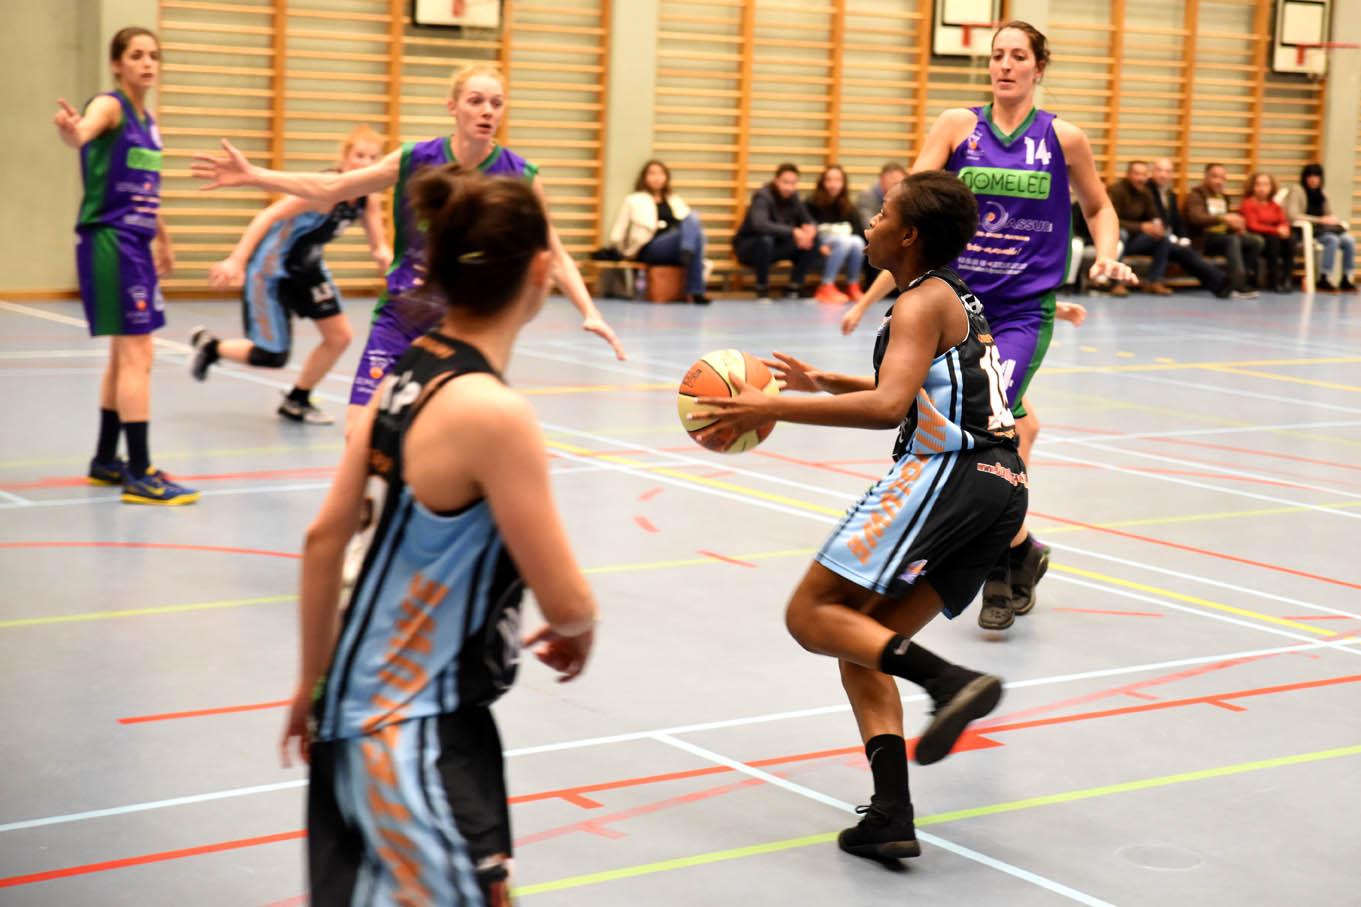 Basketball sites de rencontre